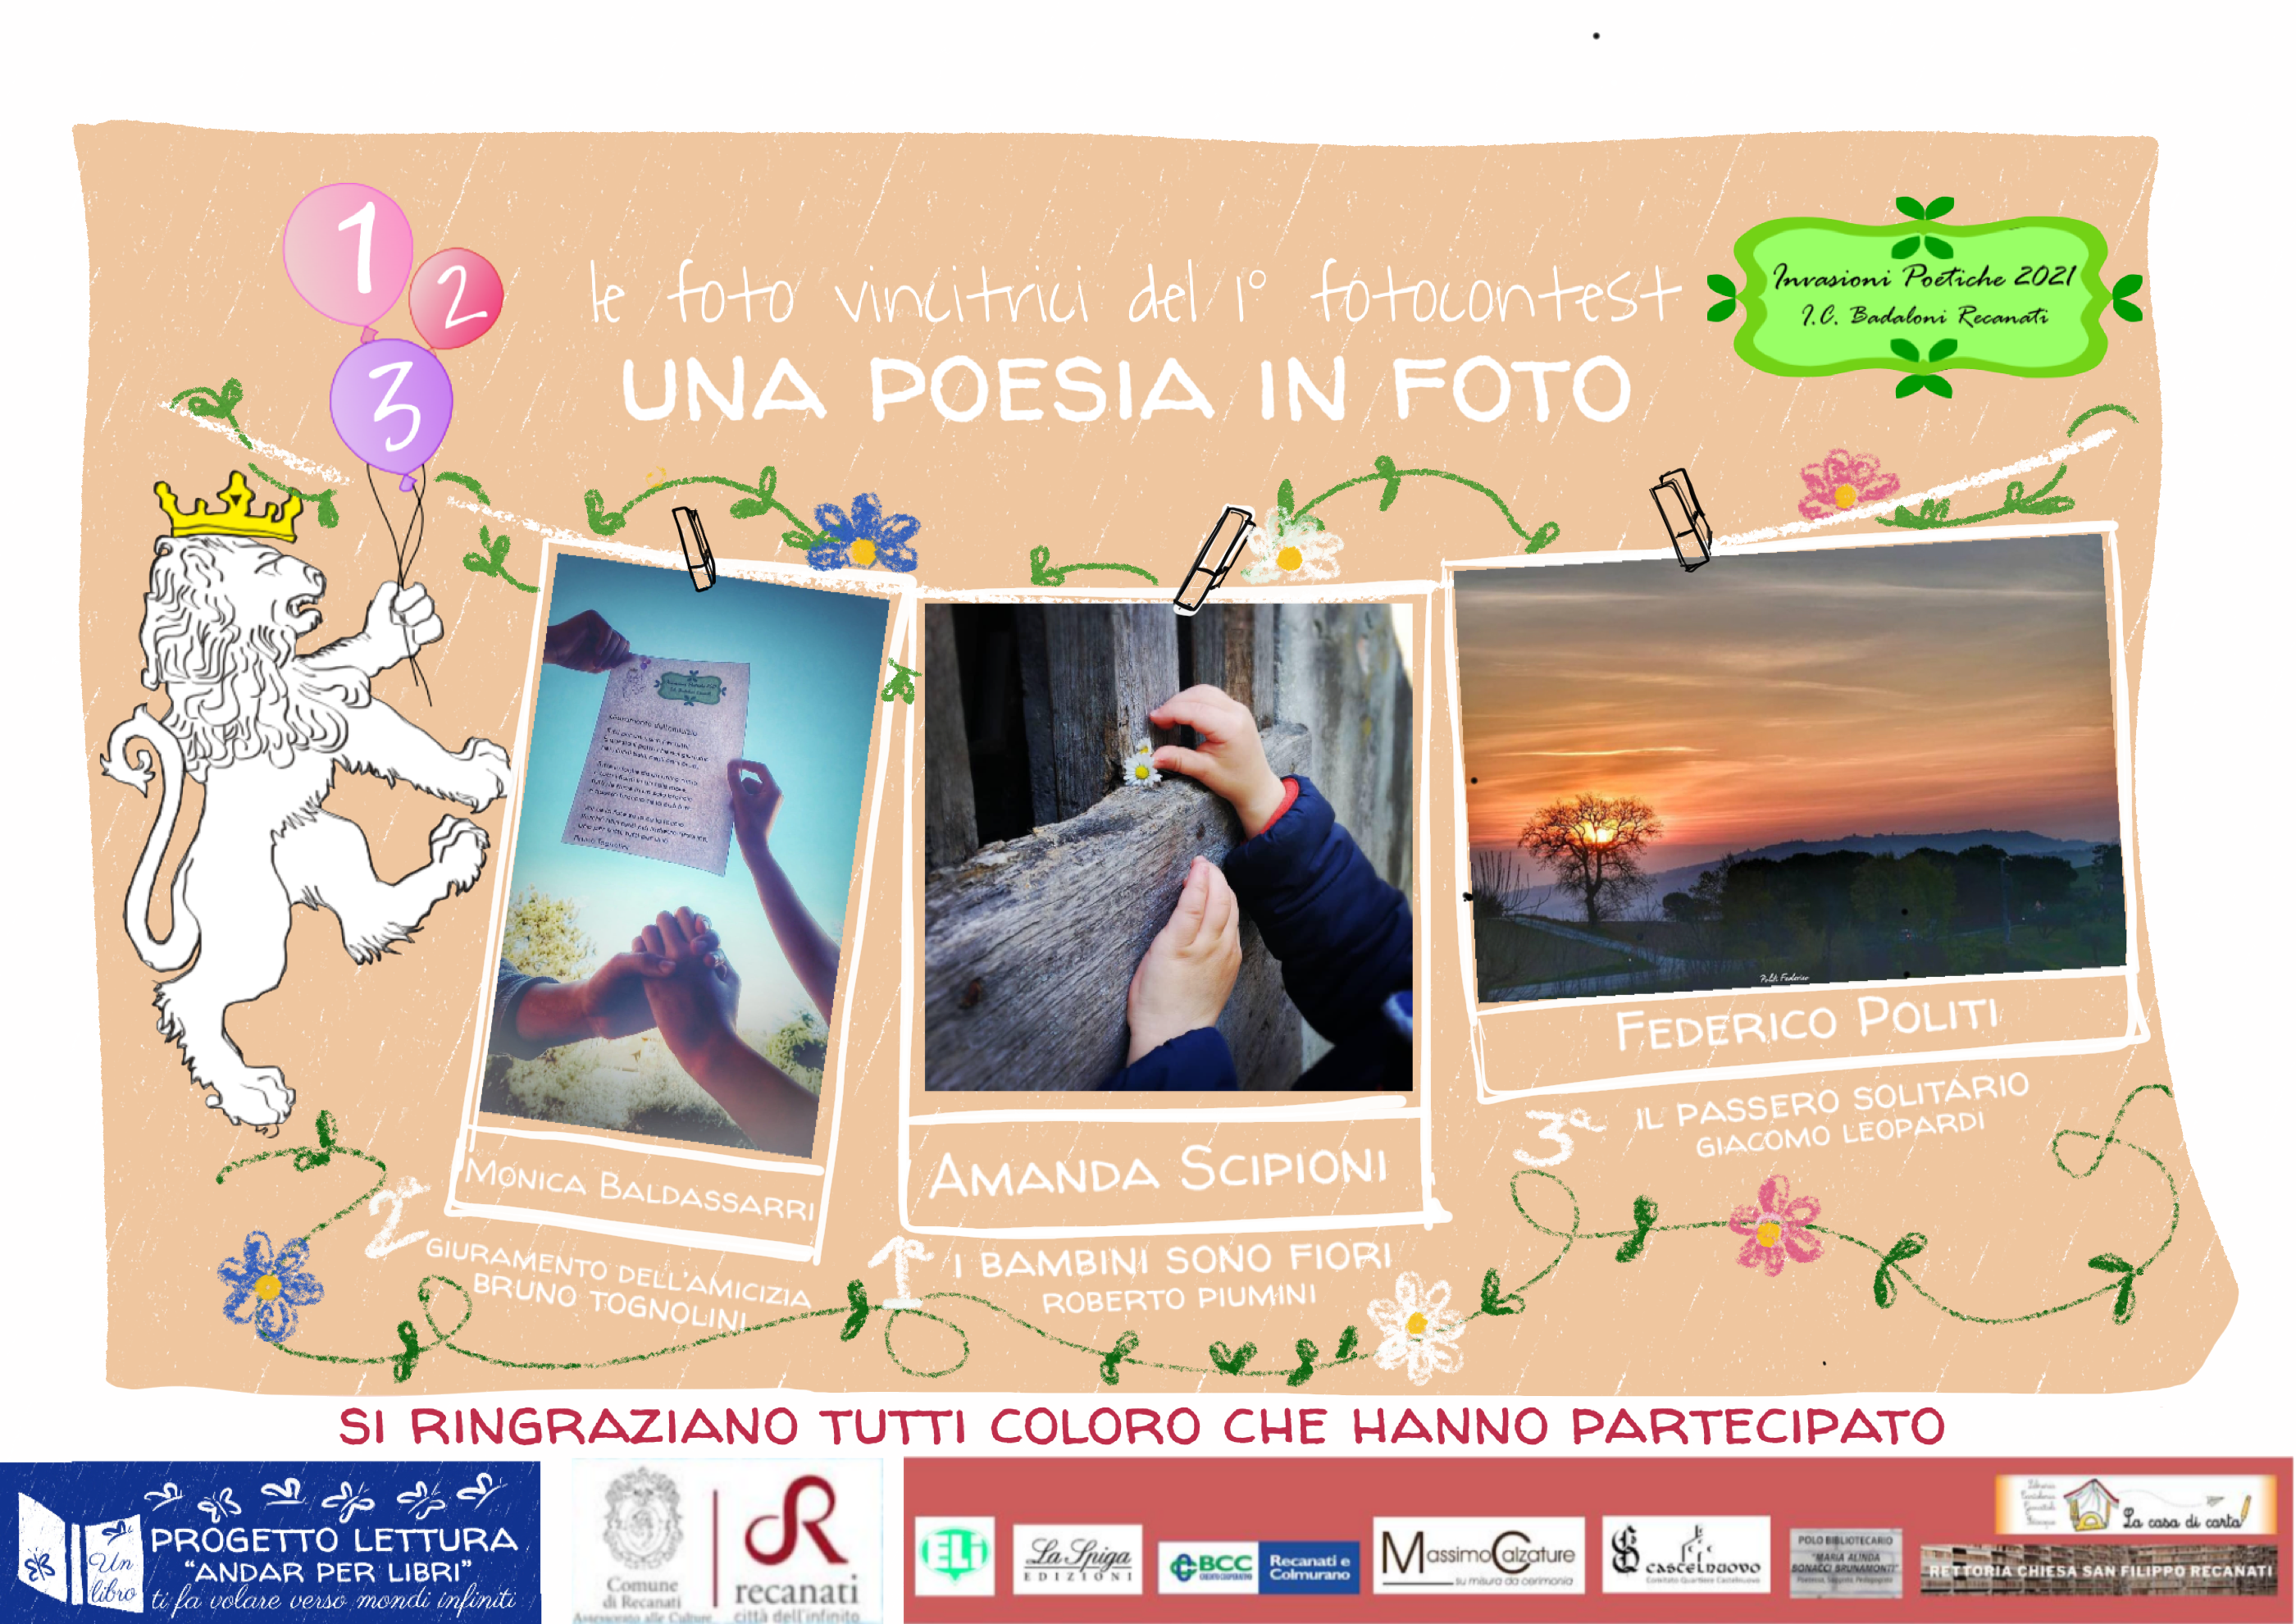 """Le foto vincitrici del contest """"UNA POESIA IN FOTO"""""""